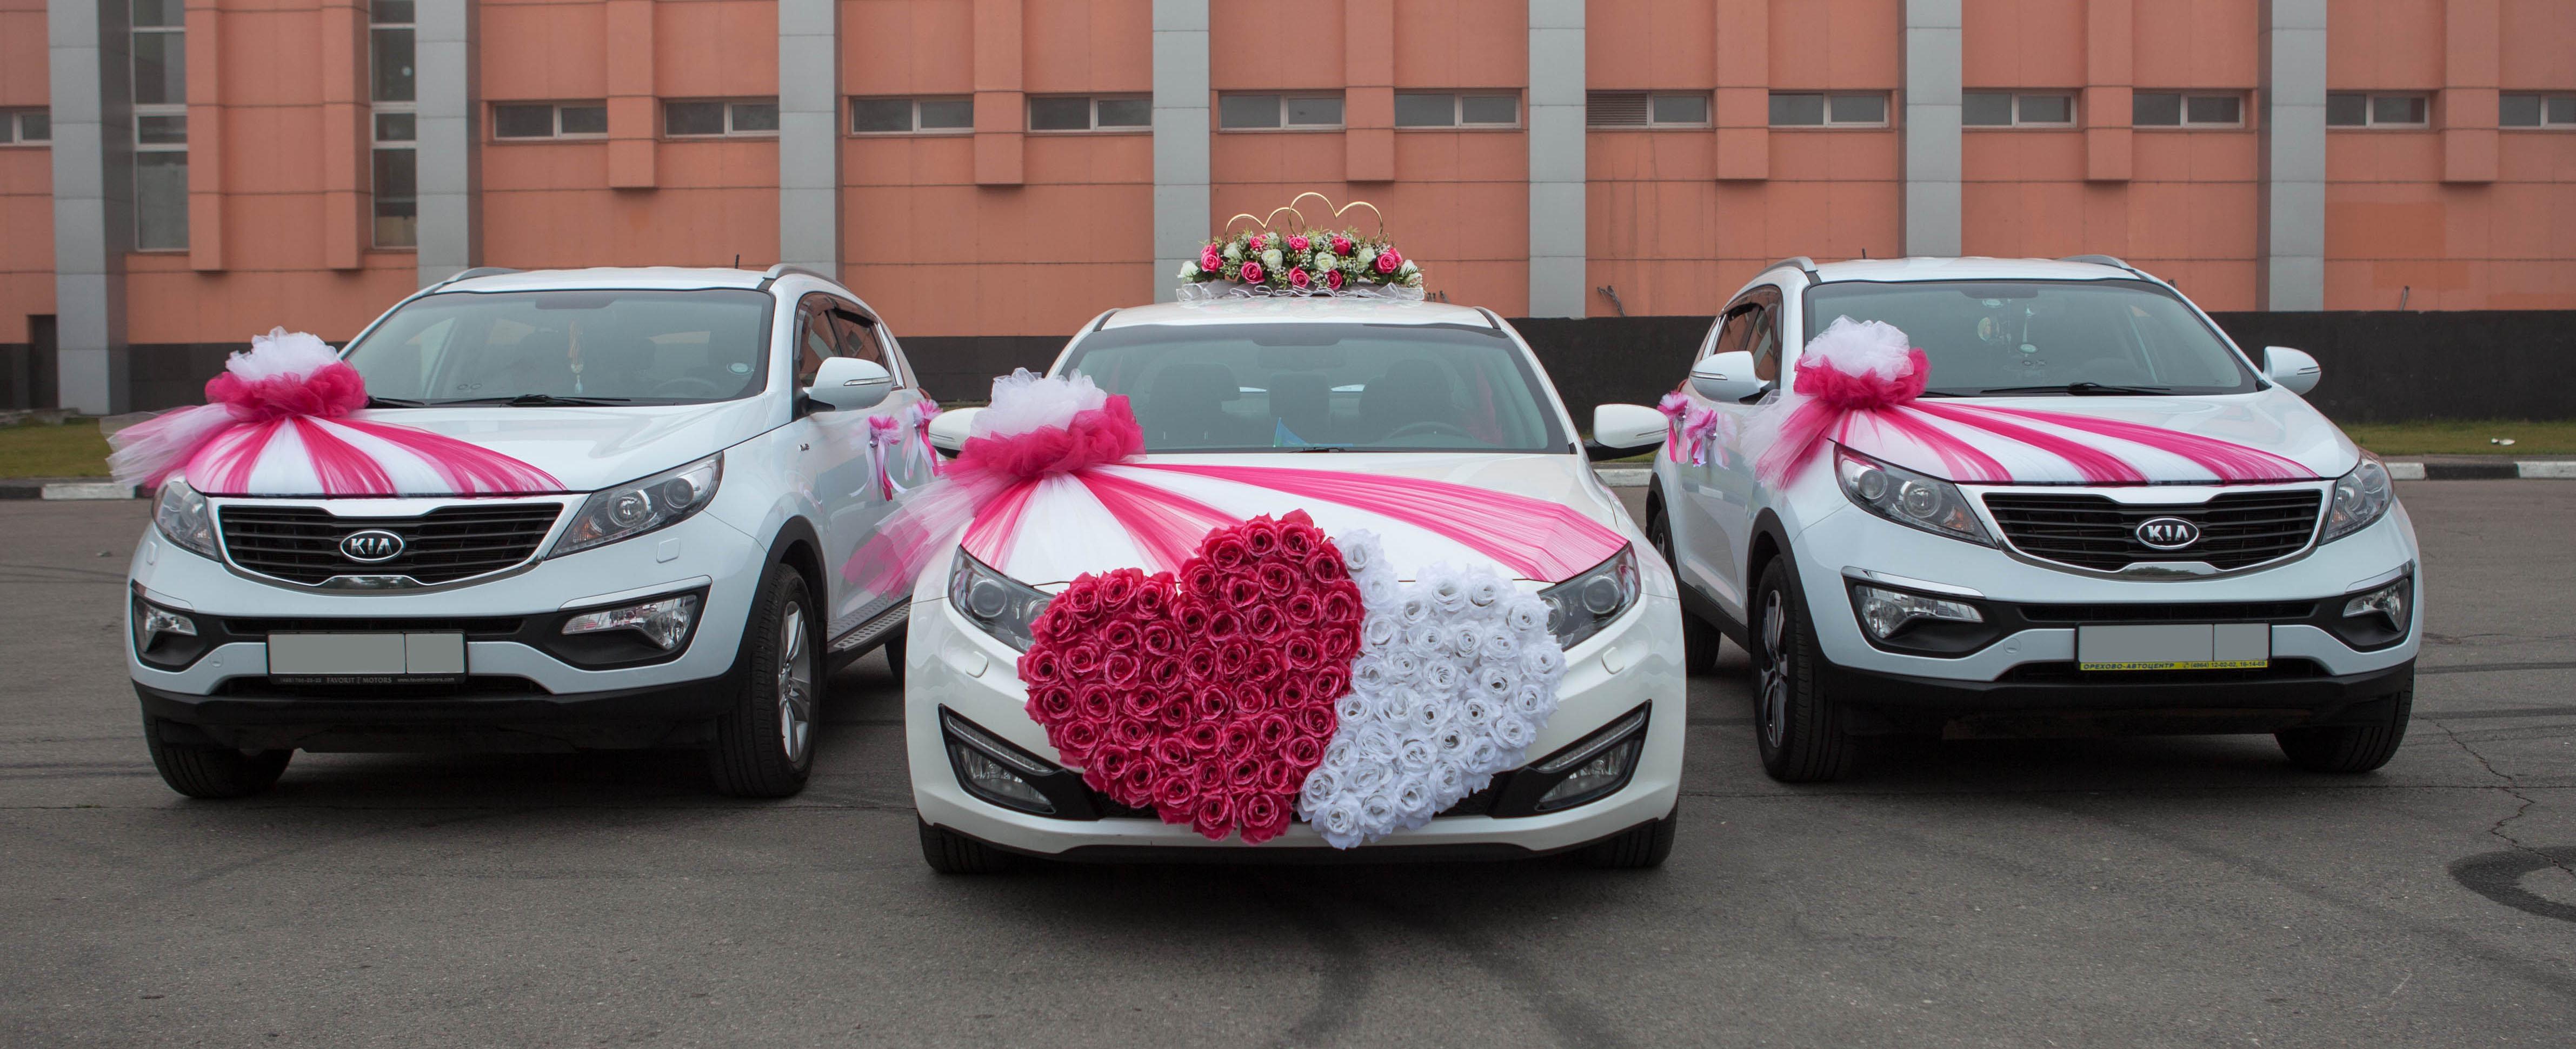 Свадебное украшение машин фото картинки